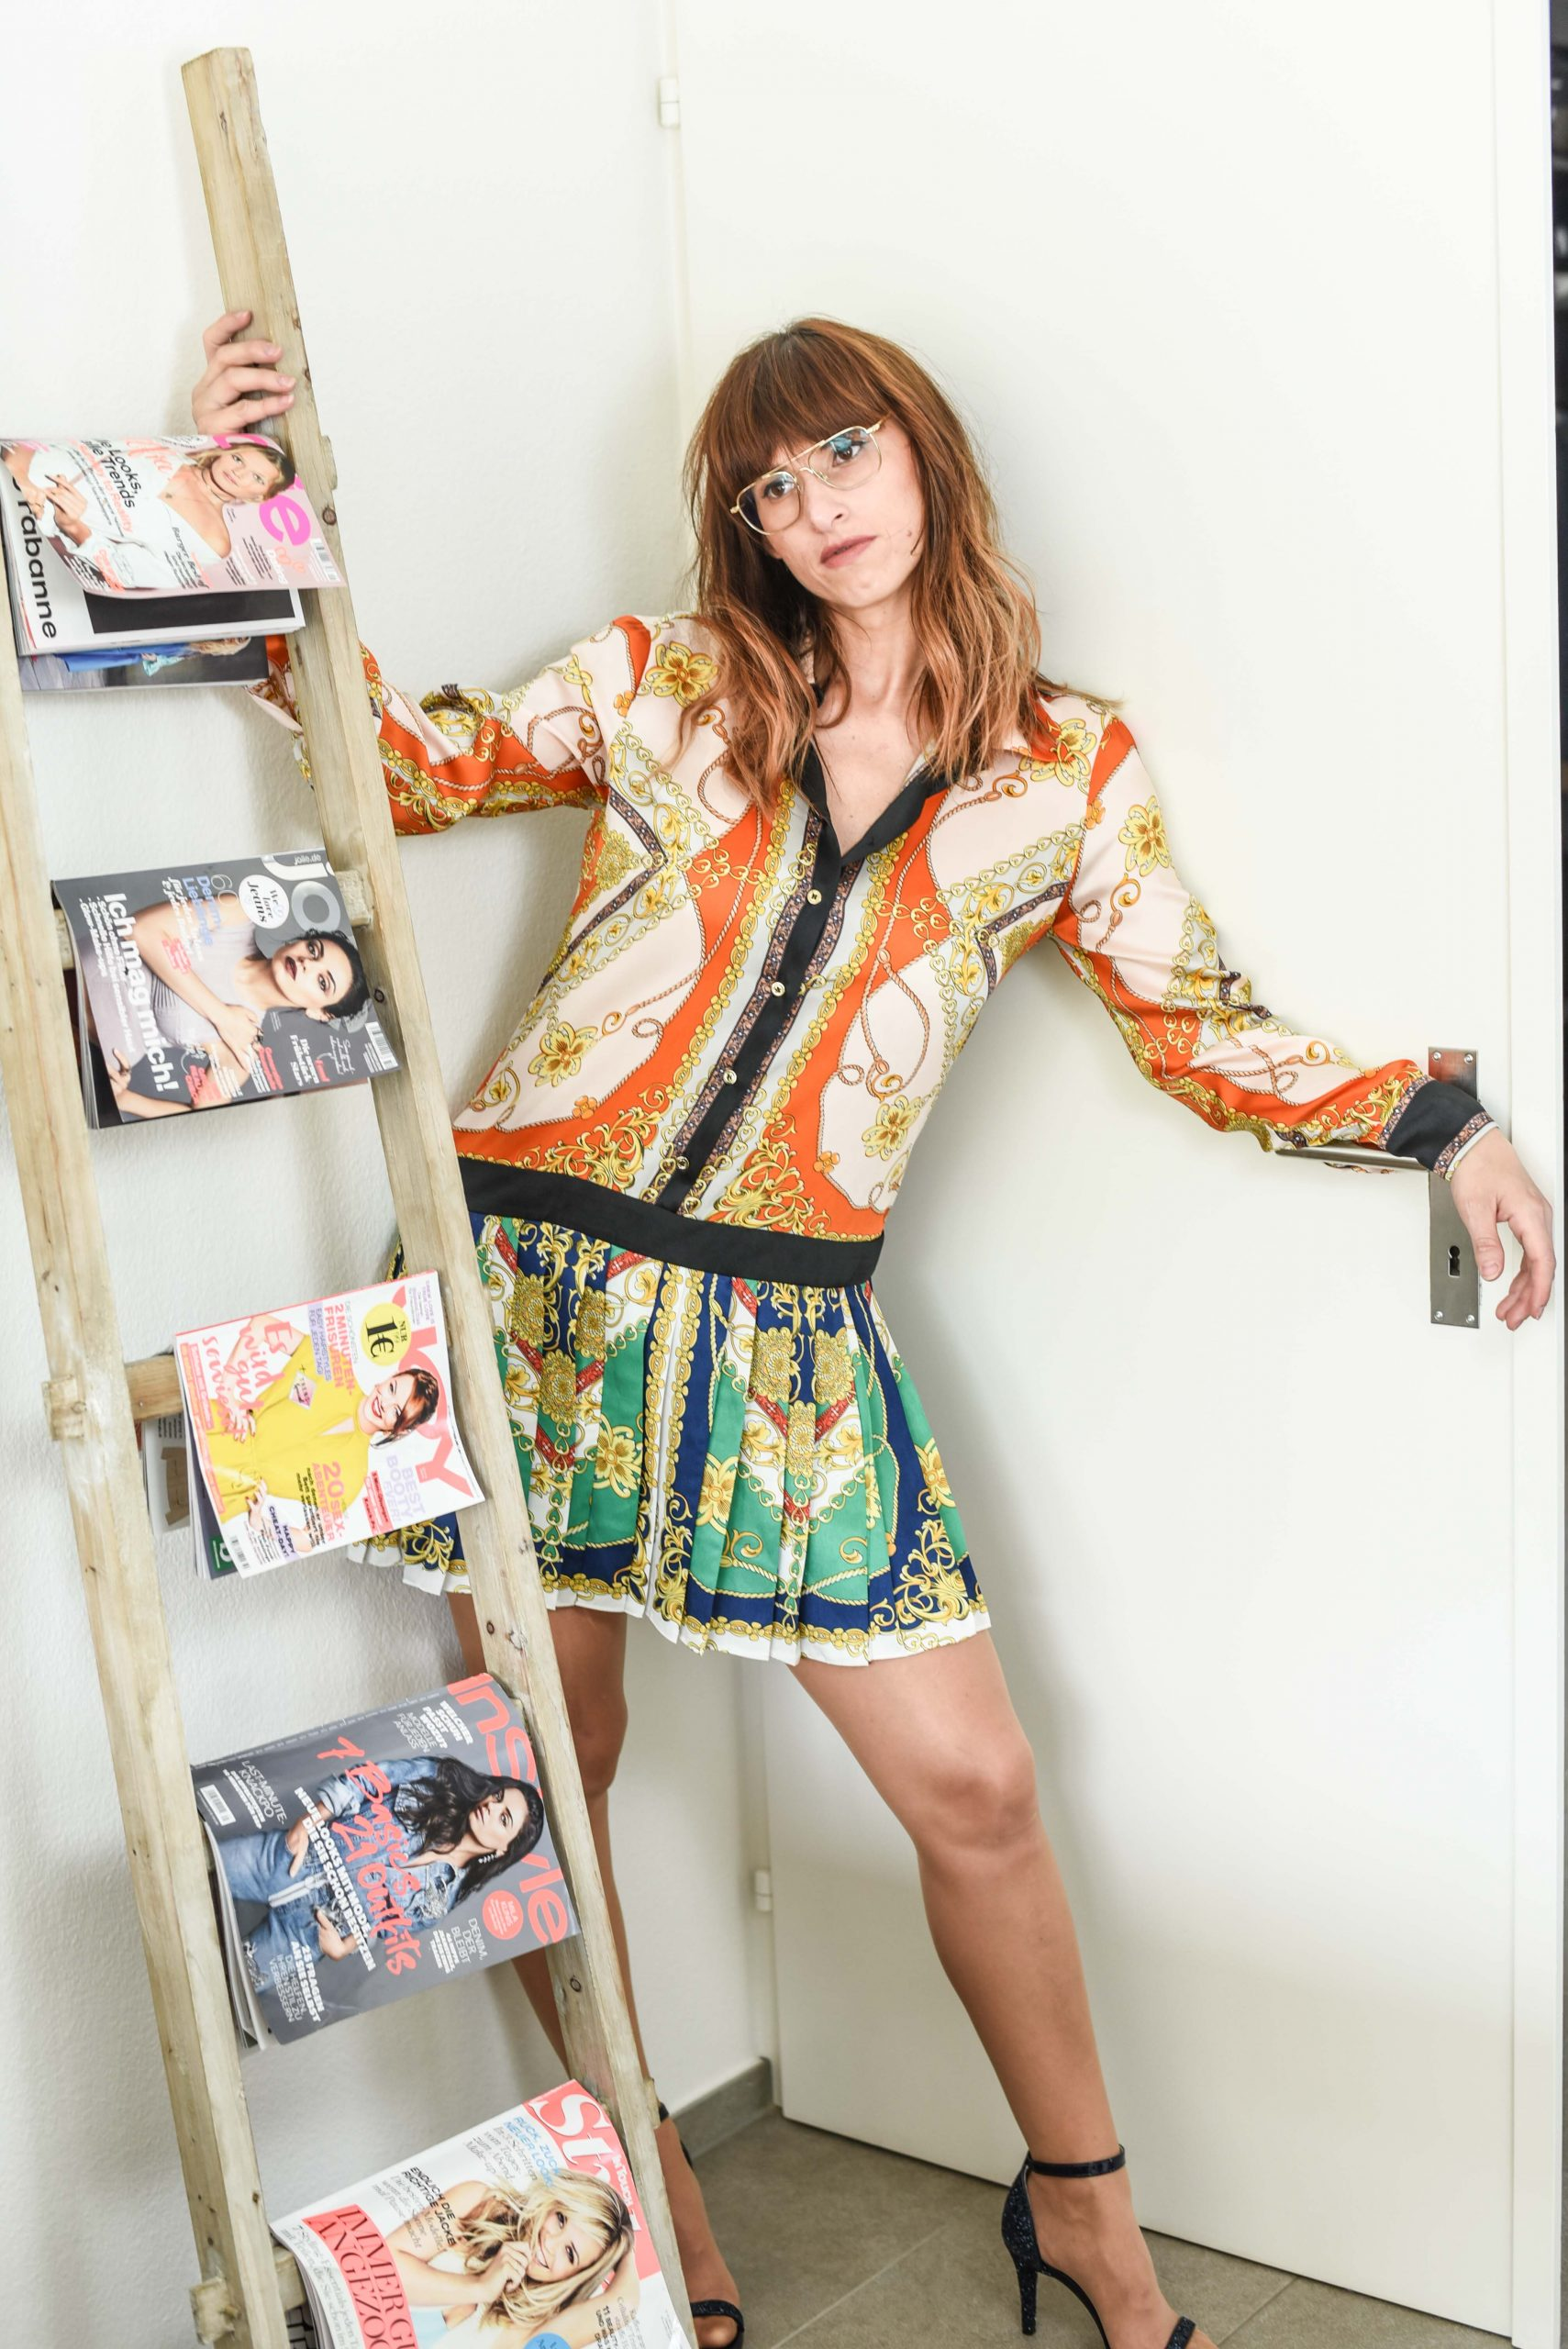 Style: Scarfkleid von Zara, Schuhe von Chiara Ferragni, Tasche von Karl Lagerfeld